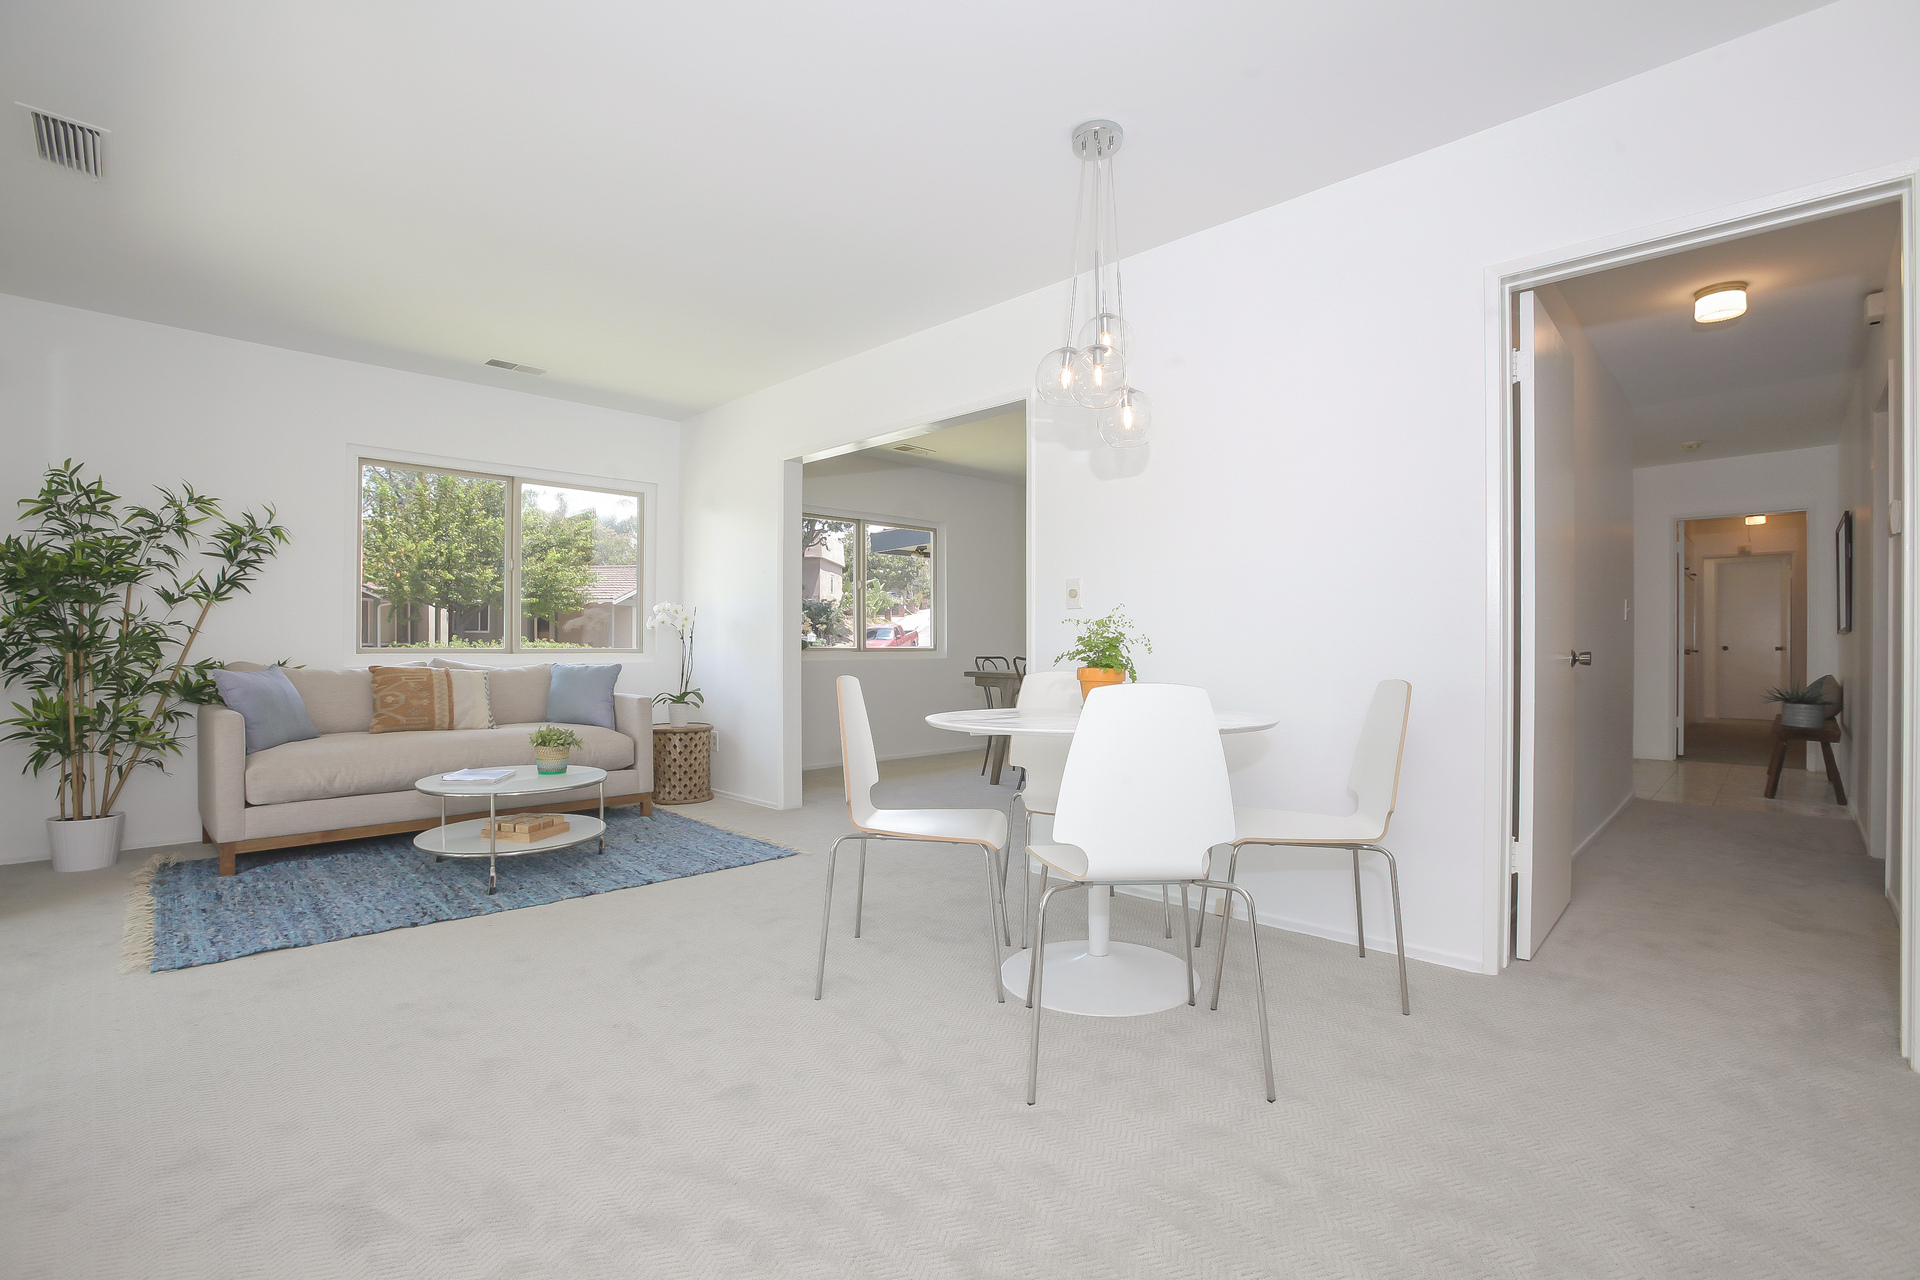 017-Sitting_Room__breakfast_area-4443096-medium.jpg